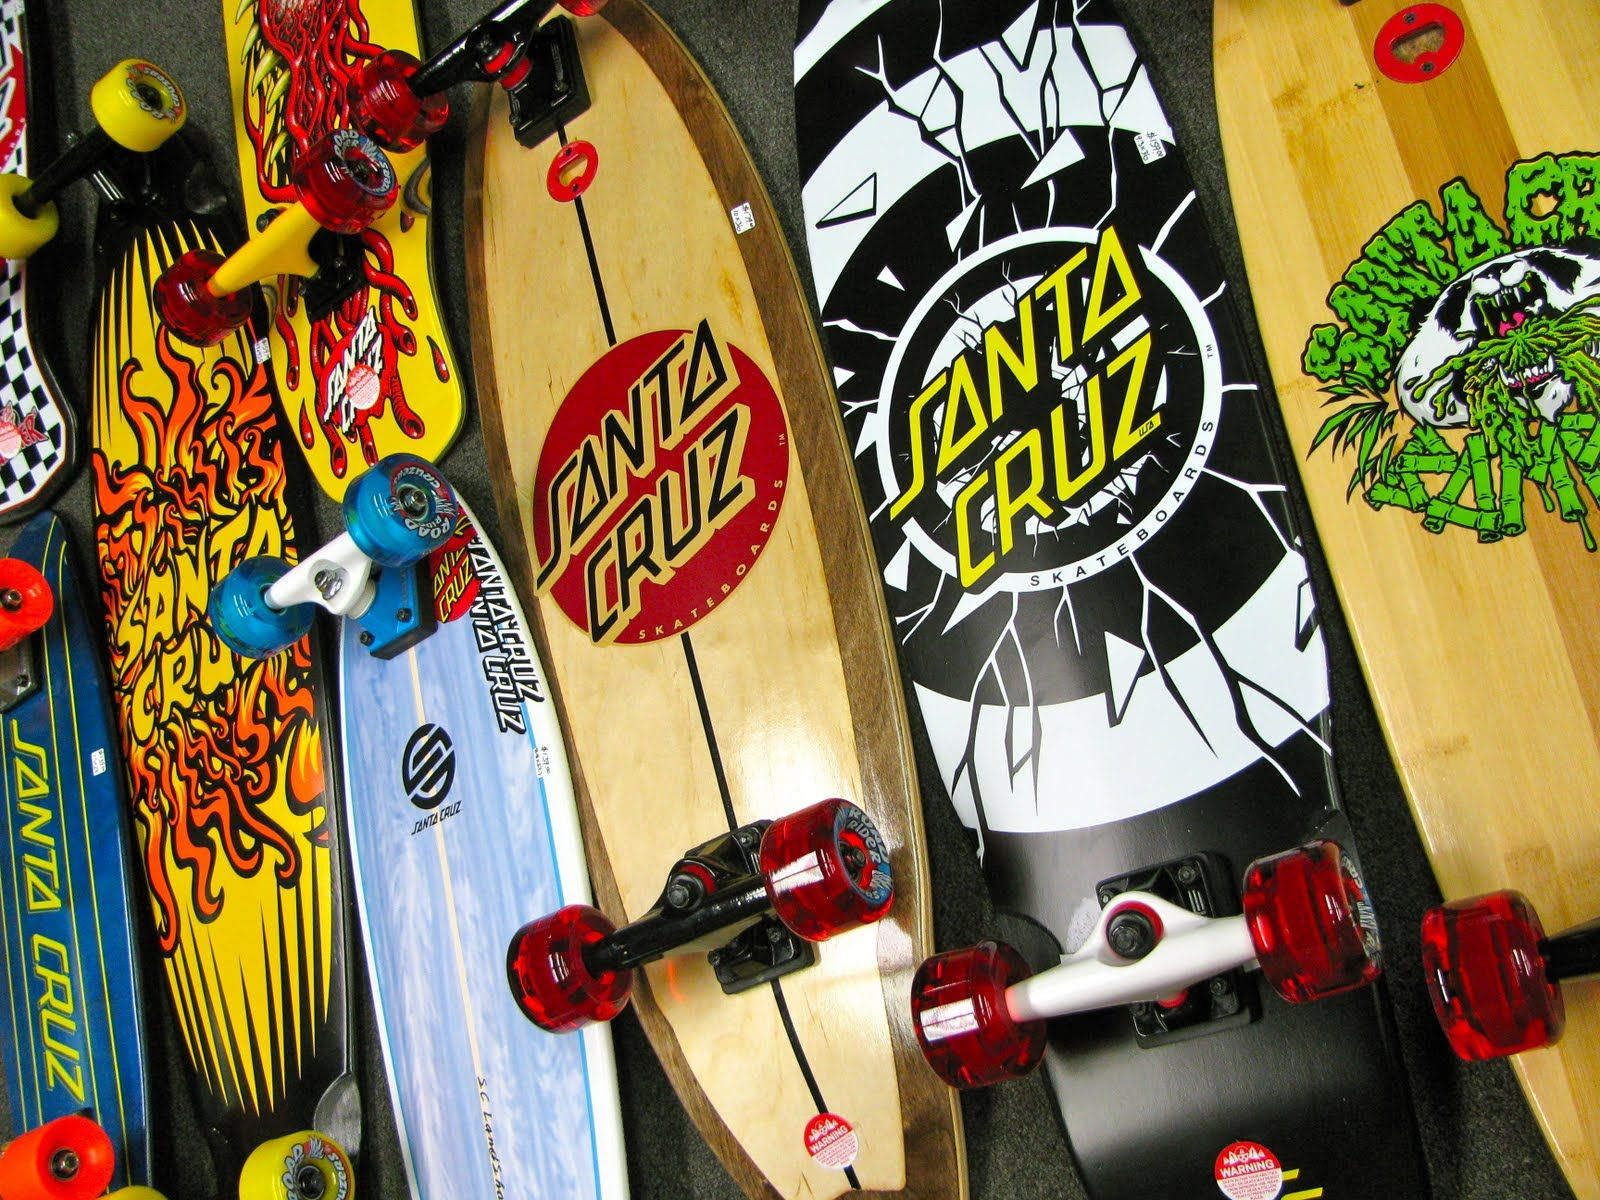 Some Santa Cruz Boards スケートボード